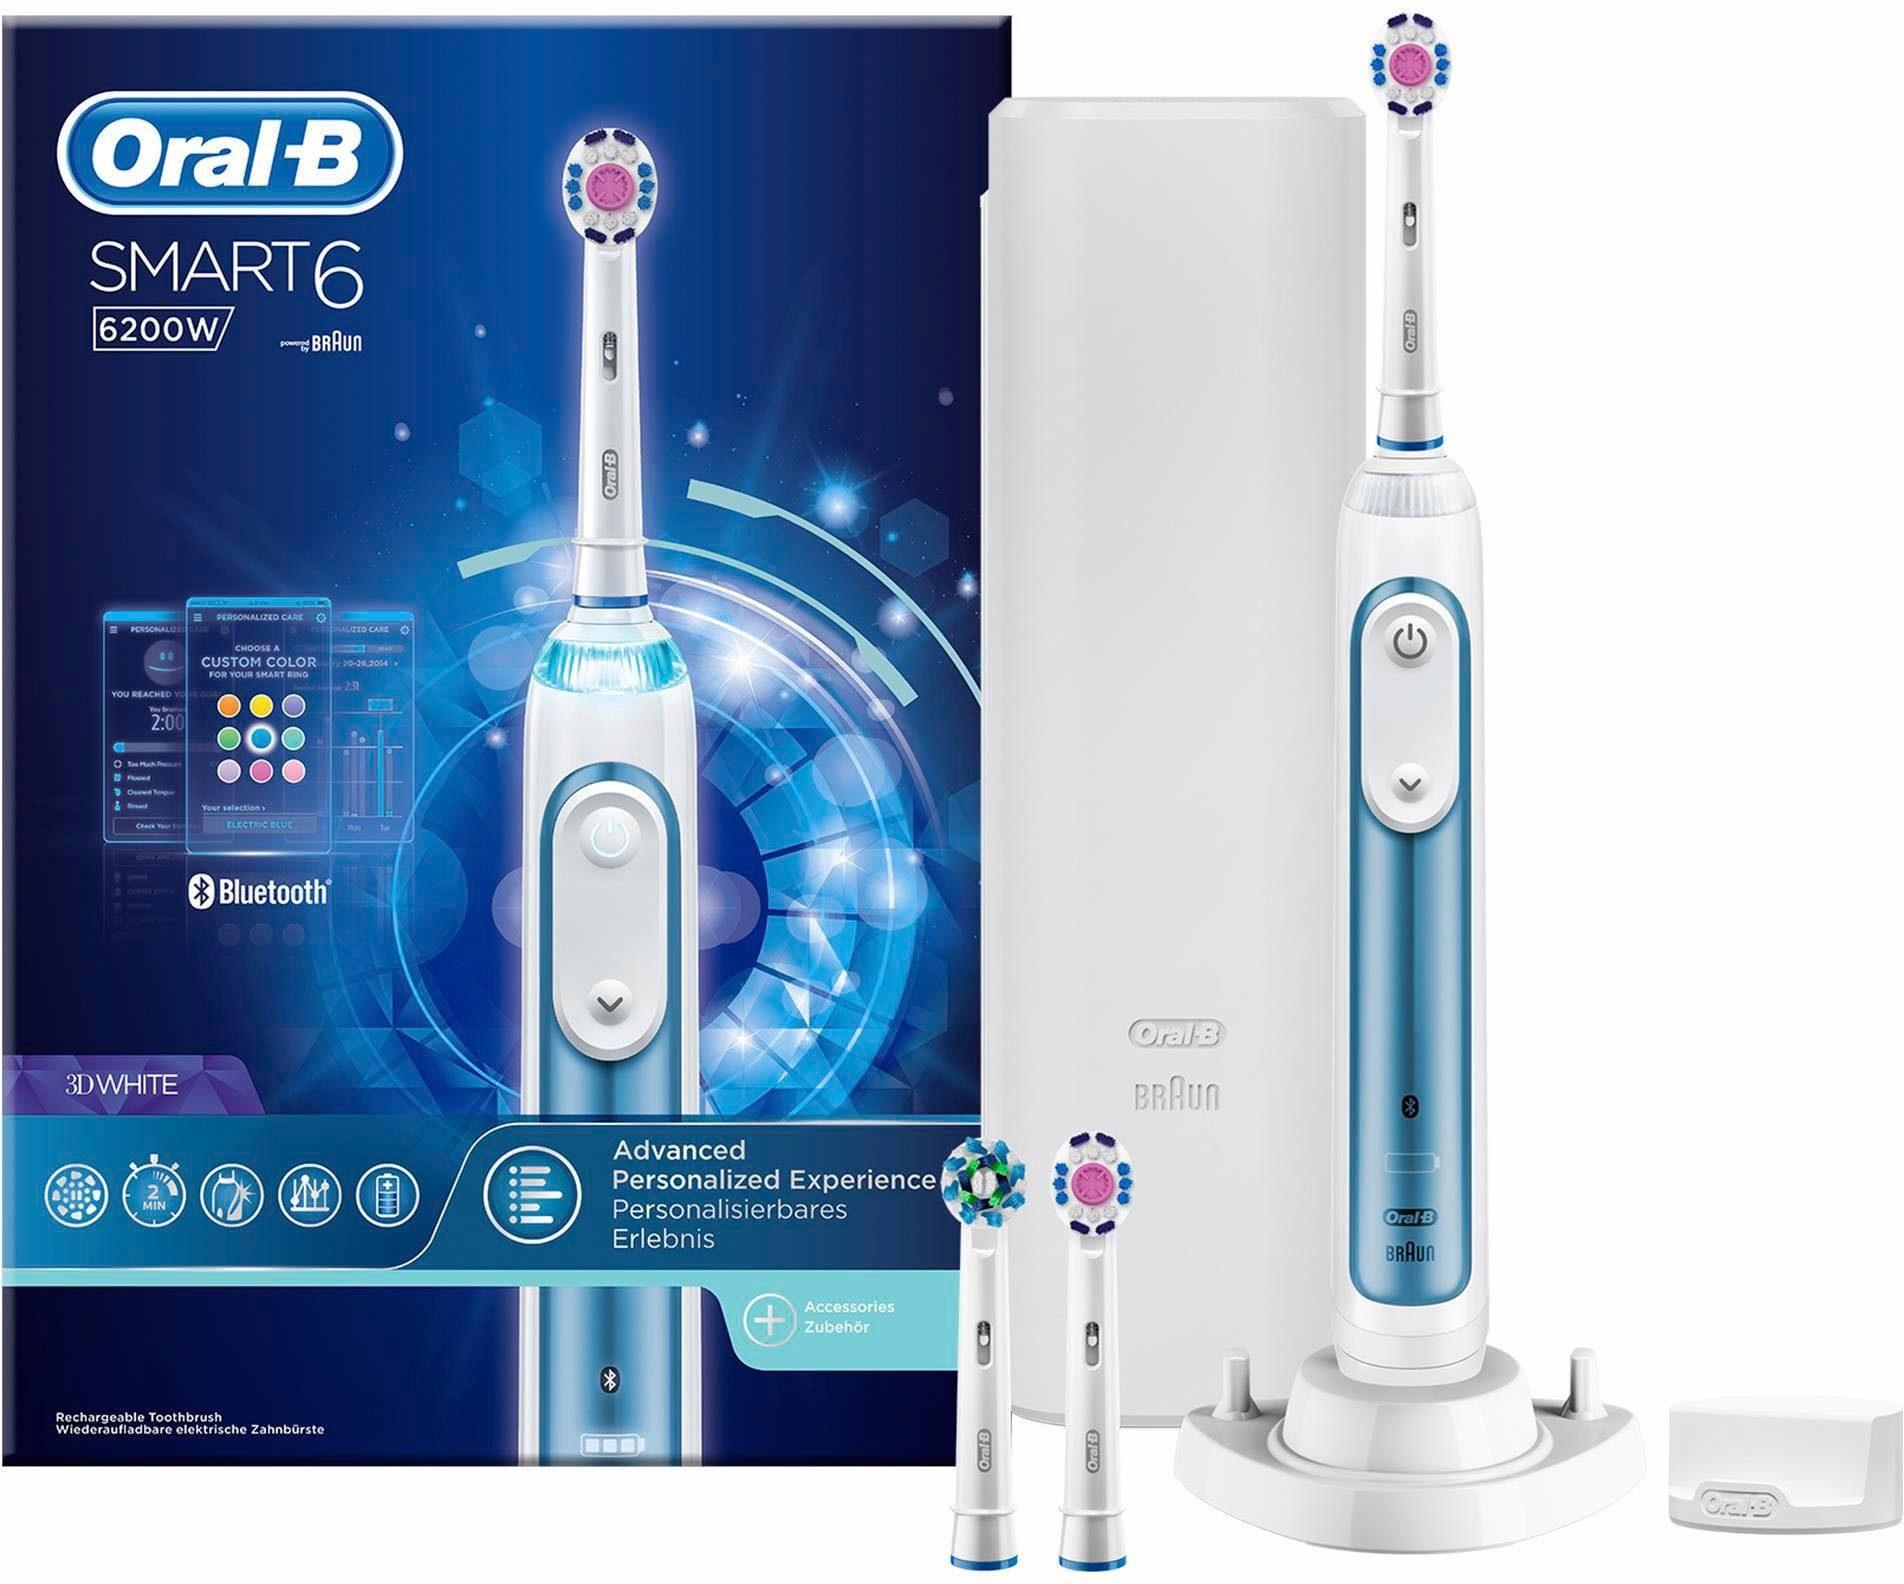 Oral B Elektrische Zahnbürste Smart 6 6200W, Aufsteckbürsten: 3 St., Powered By Braun